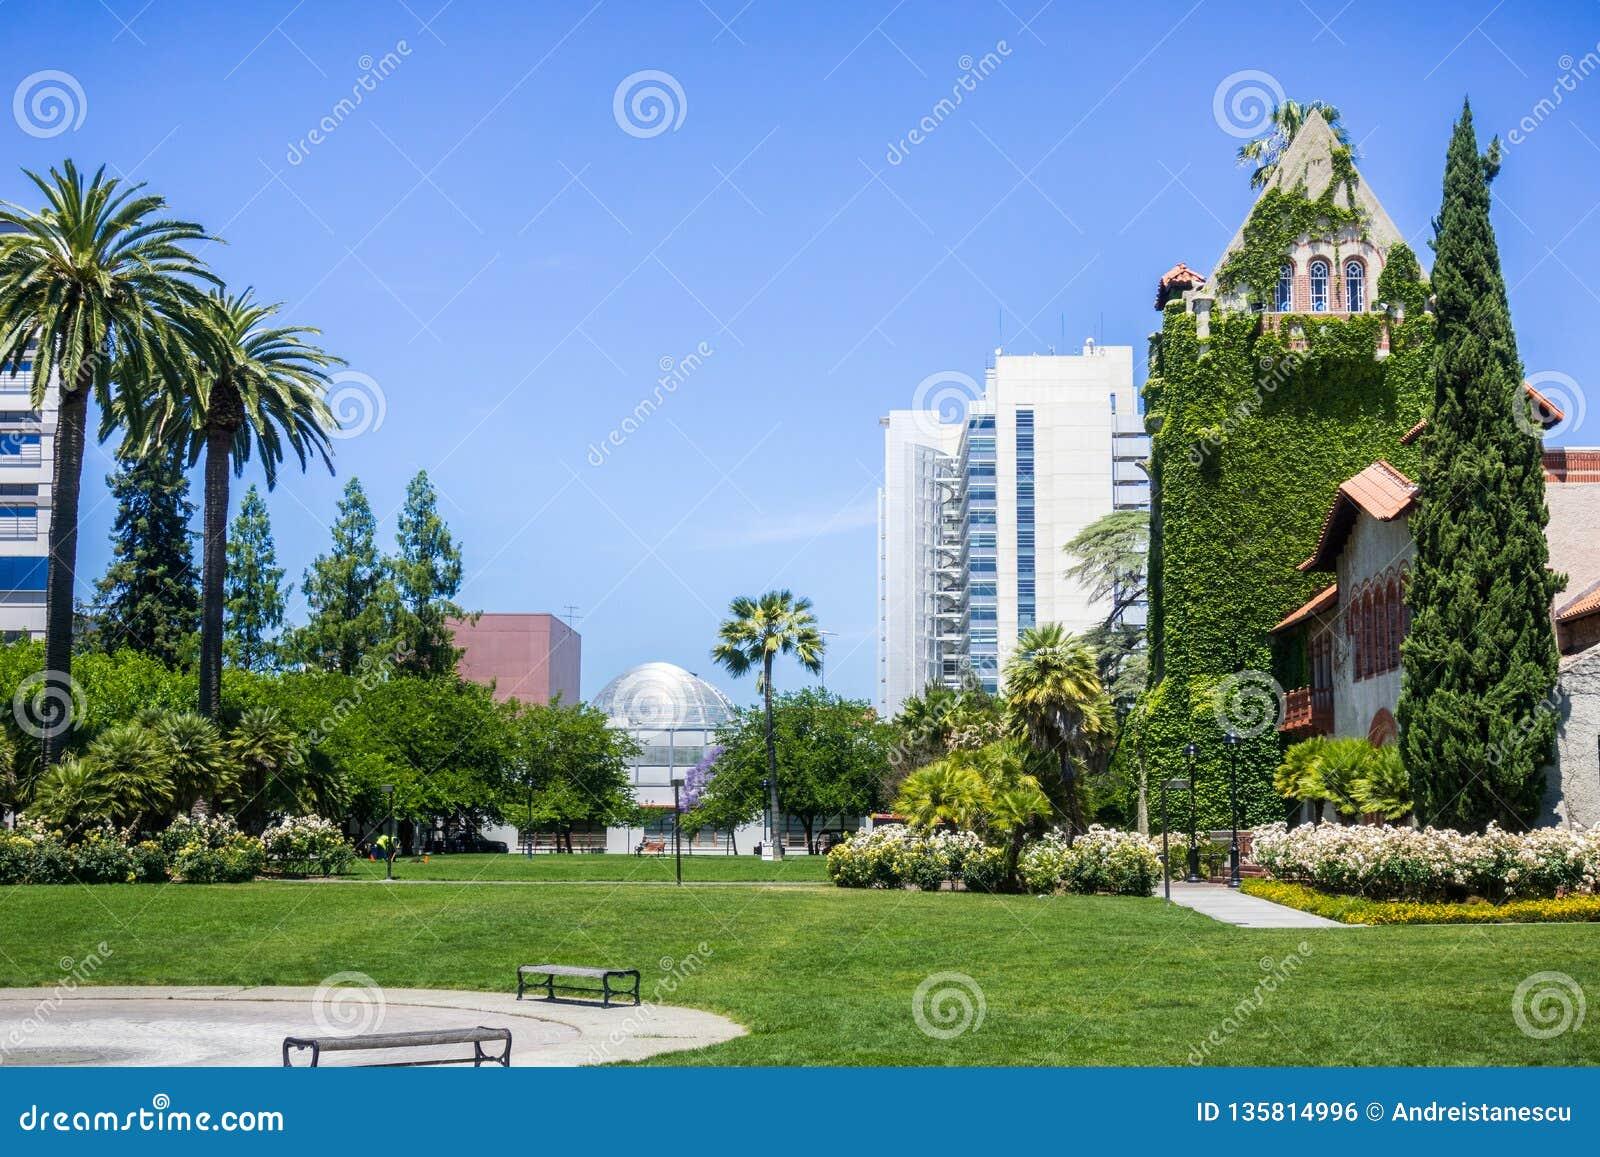 Gammal byggnad på Sanen Jose State University; den moderna stadshusbyggnaden i bakgrunden; San Jose Kalifornien